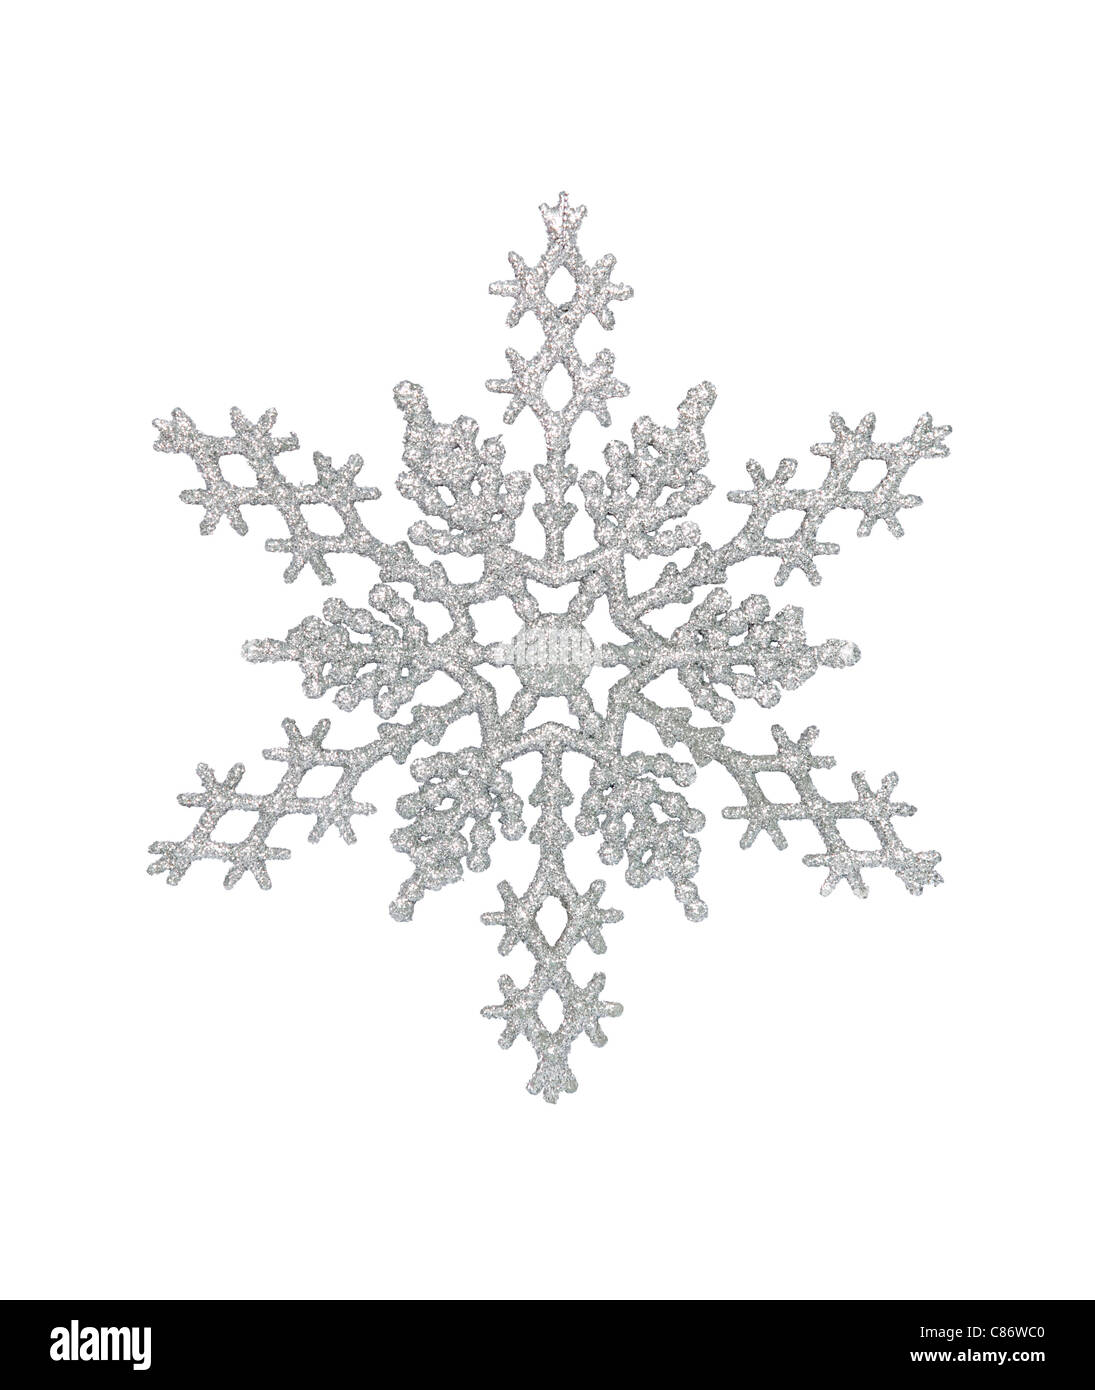 Il simbolo del fiocco di neve in argento, isolata w/percorso di clipping Immagini Stock